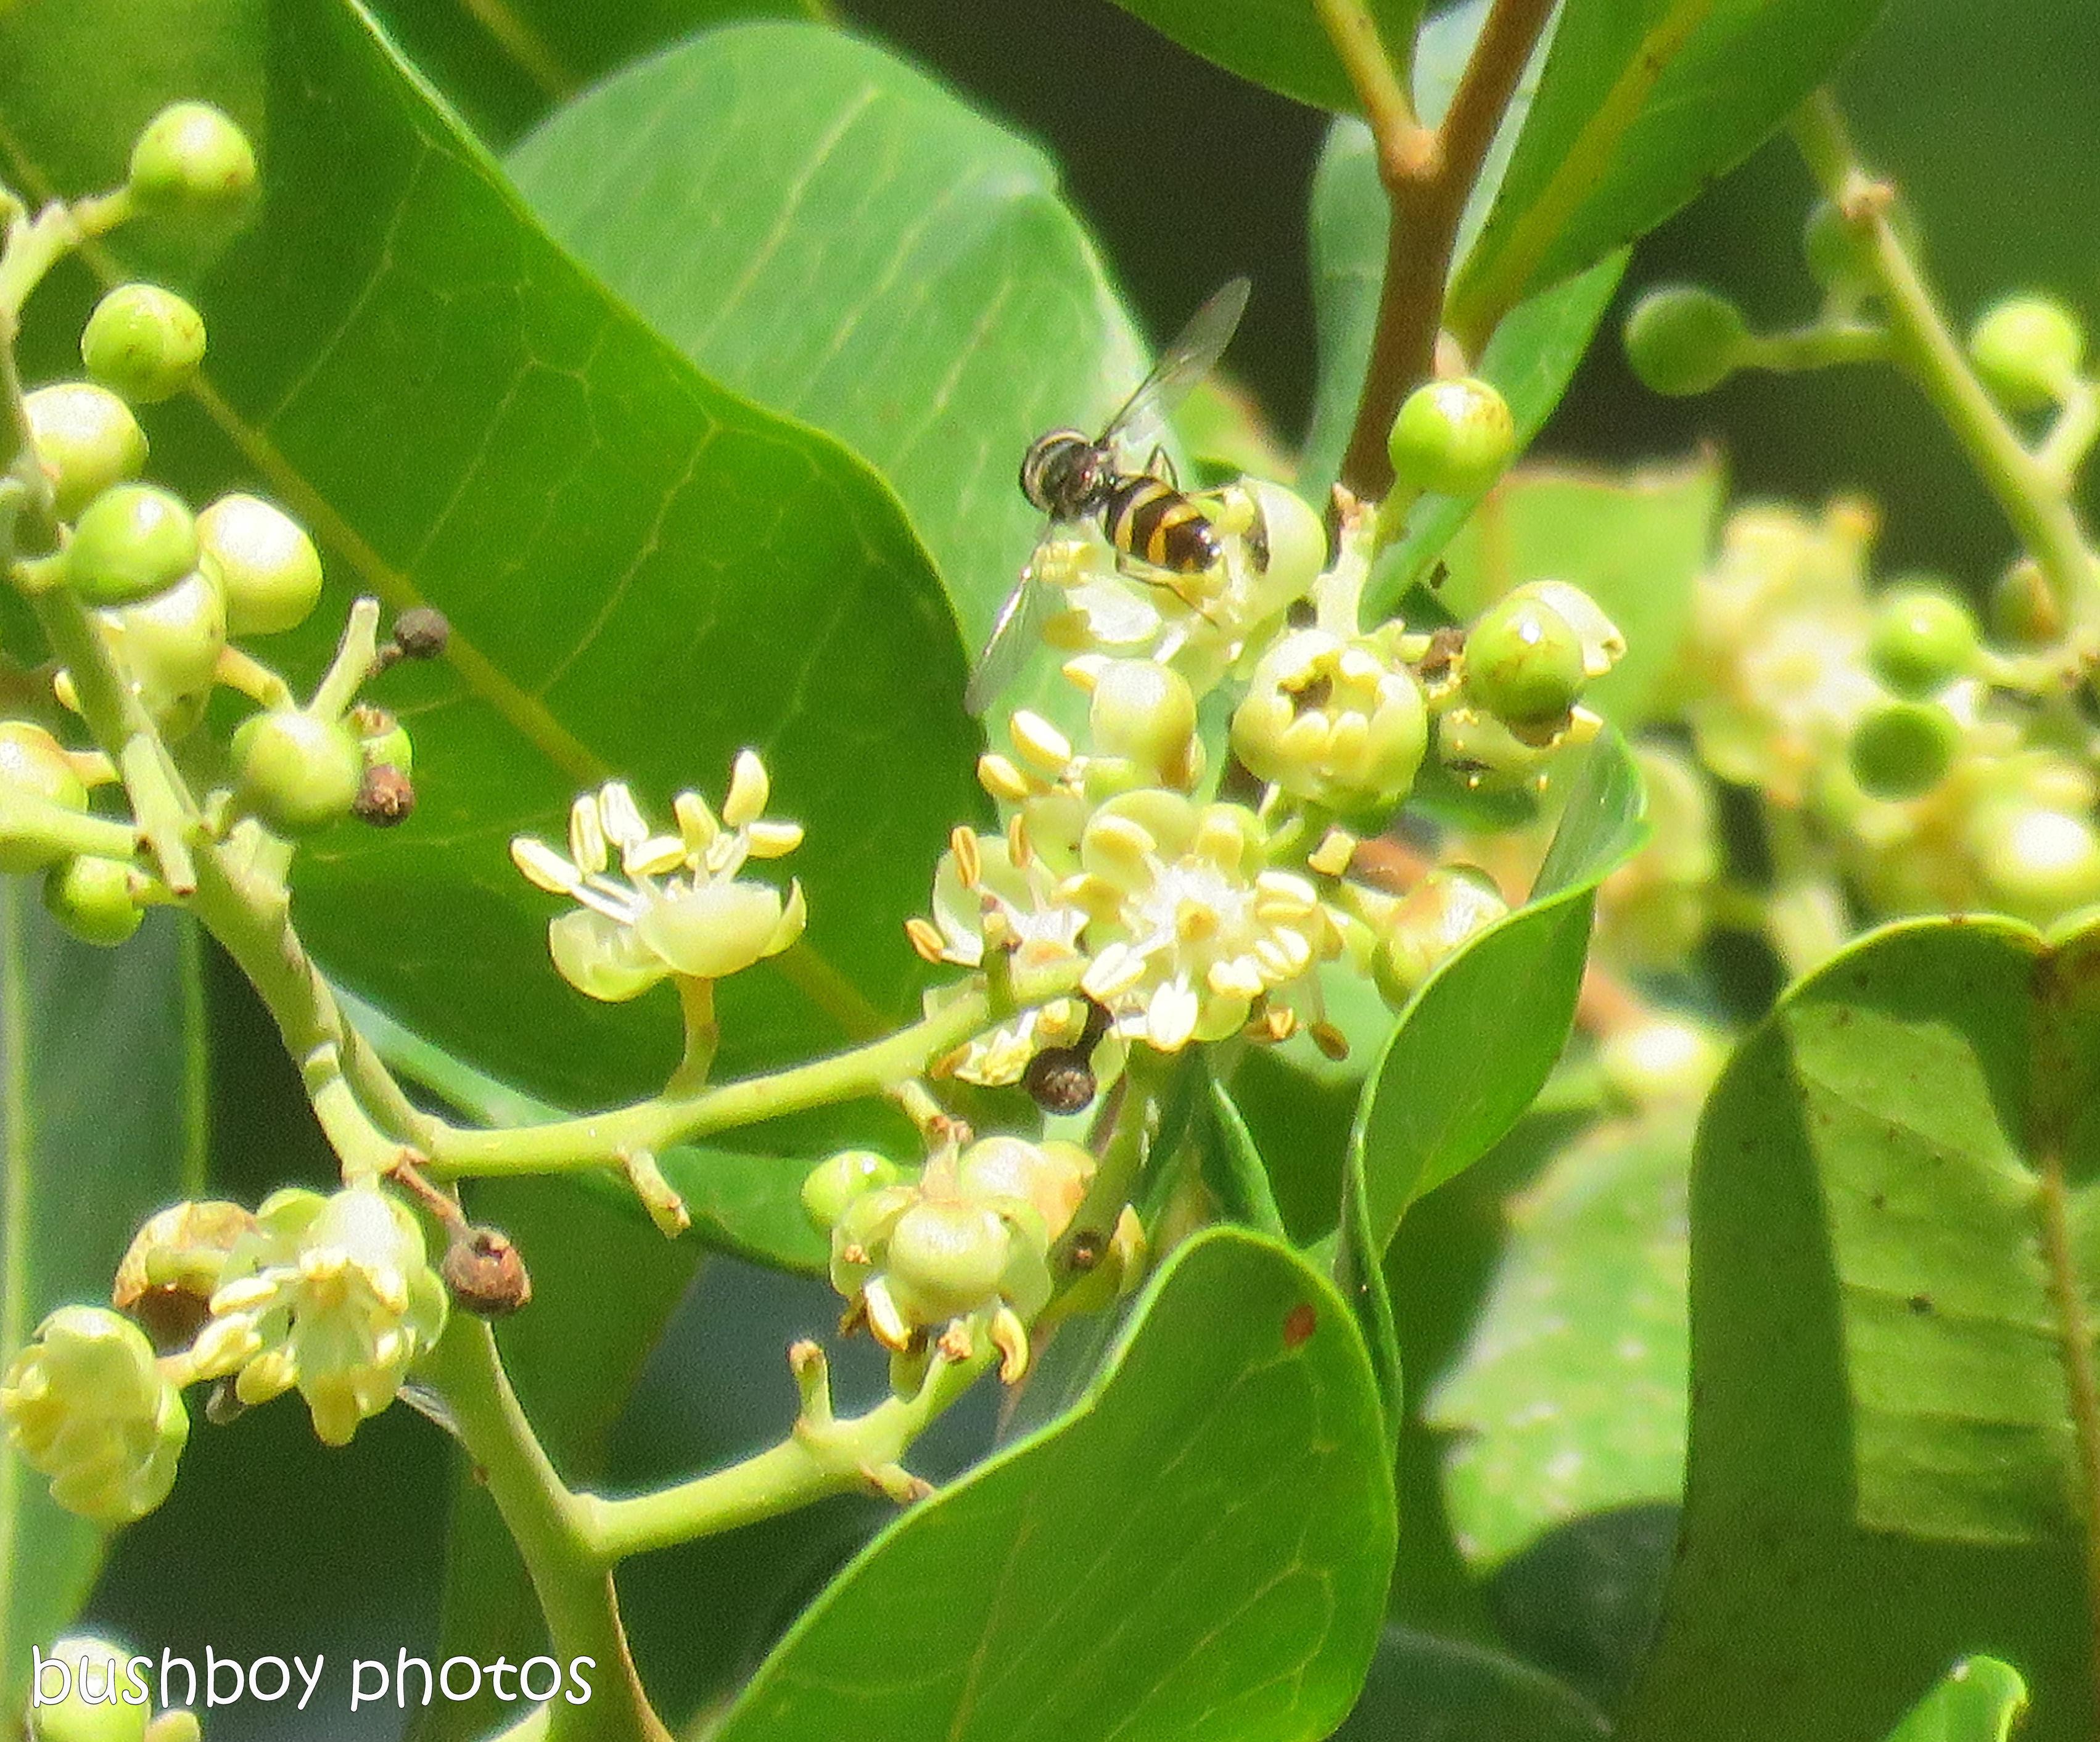 tuckaroo flower02_bees_named_home_june 2017